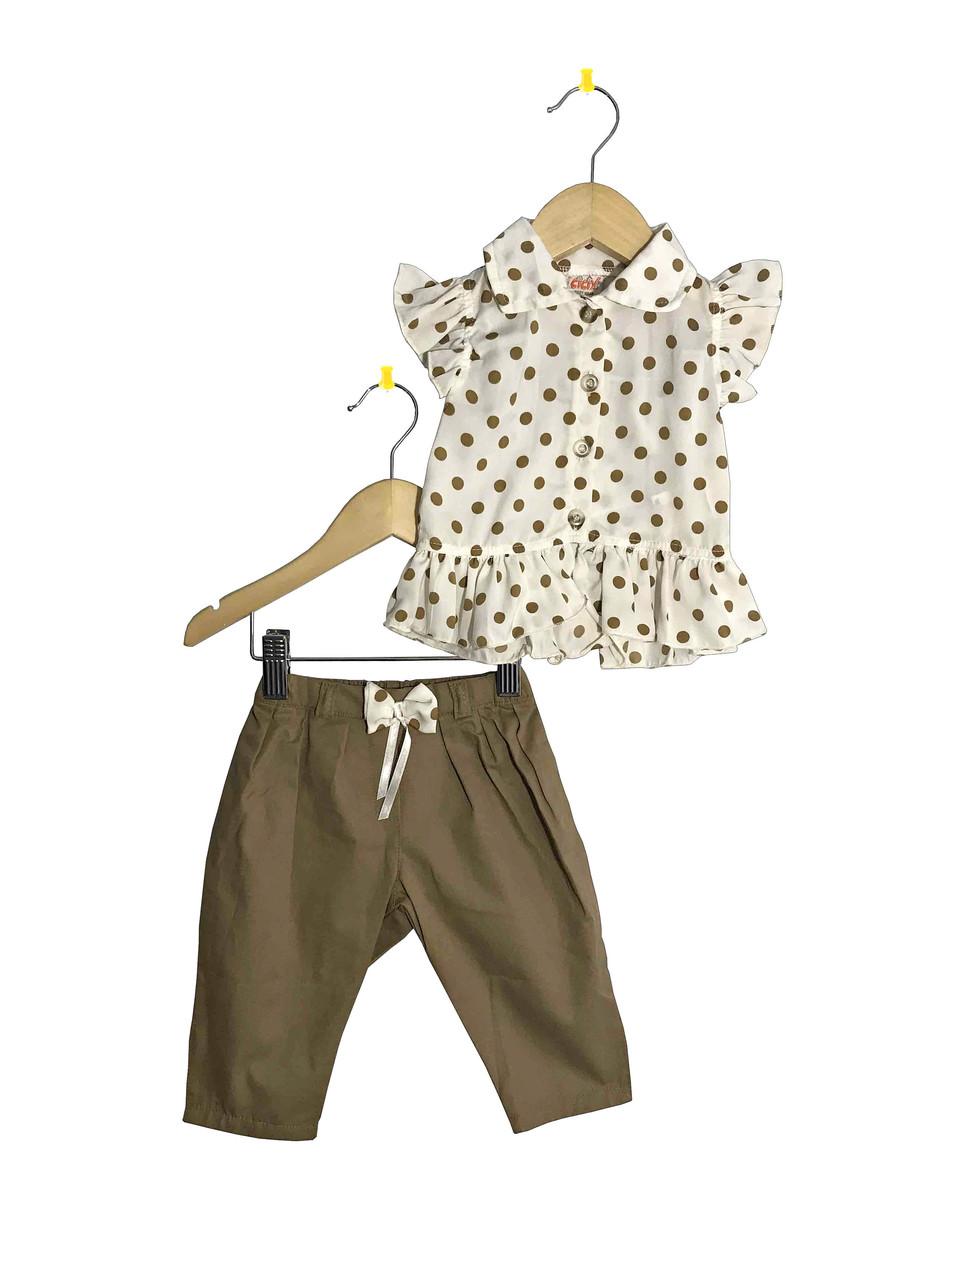 Летний костюм для девочки с блузкой в горошек